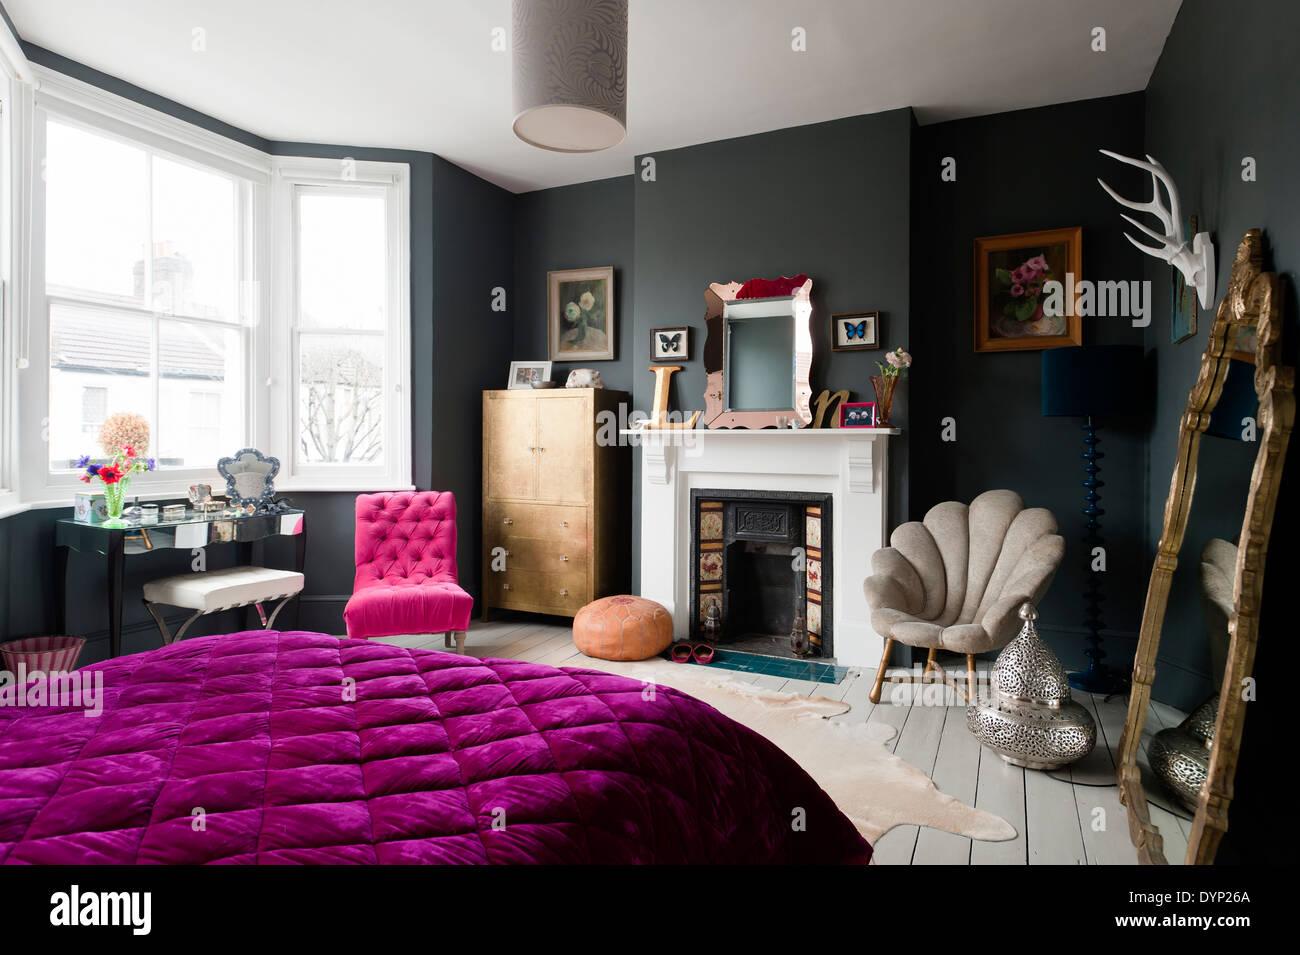 Fantastisch Dunklen Schlafzimmer Mit Sortierten Vintage Und Graham Und Grün Möbel  Bemalt. Ist Eine Lila Decke Auf Dem Bett